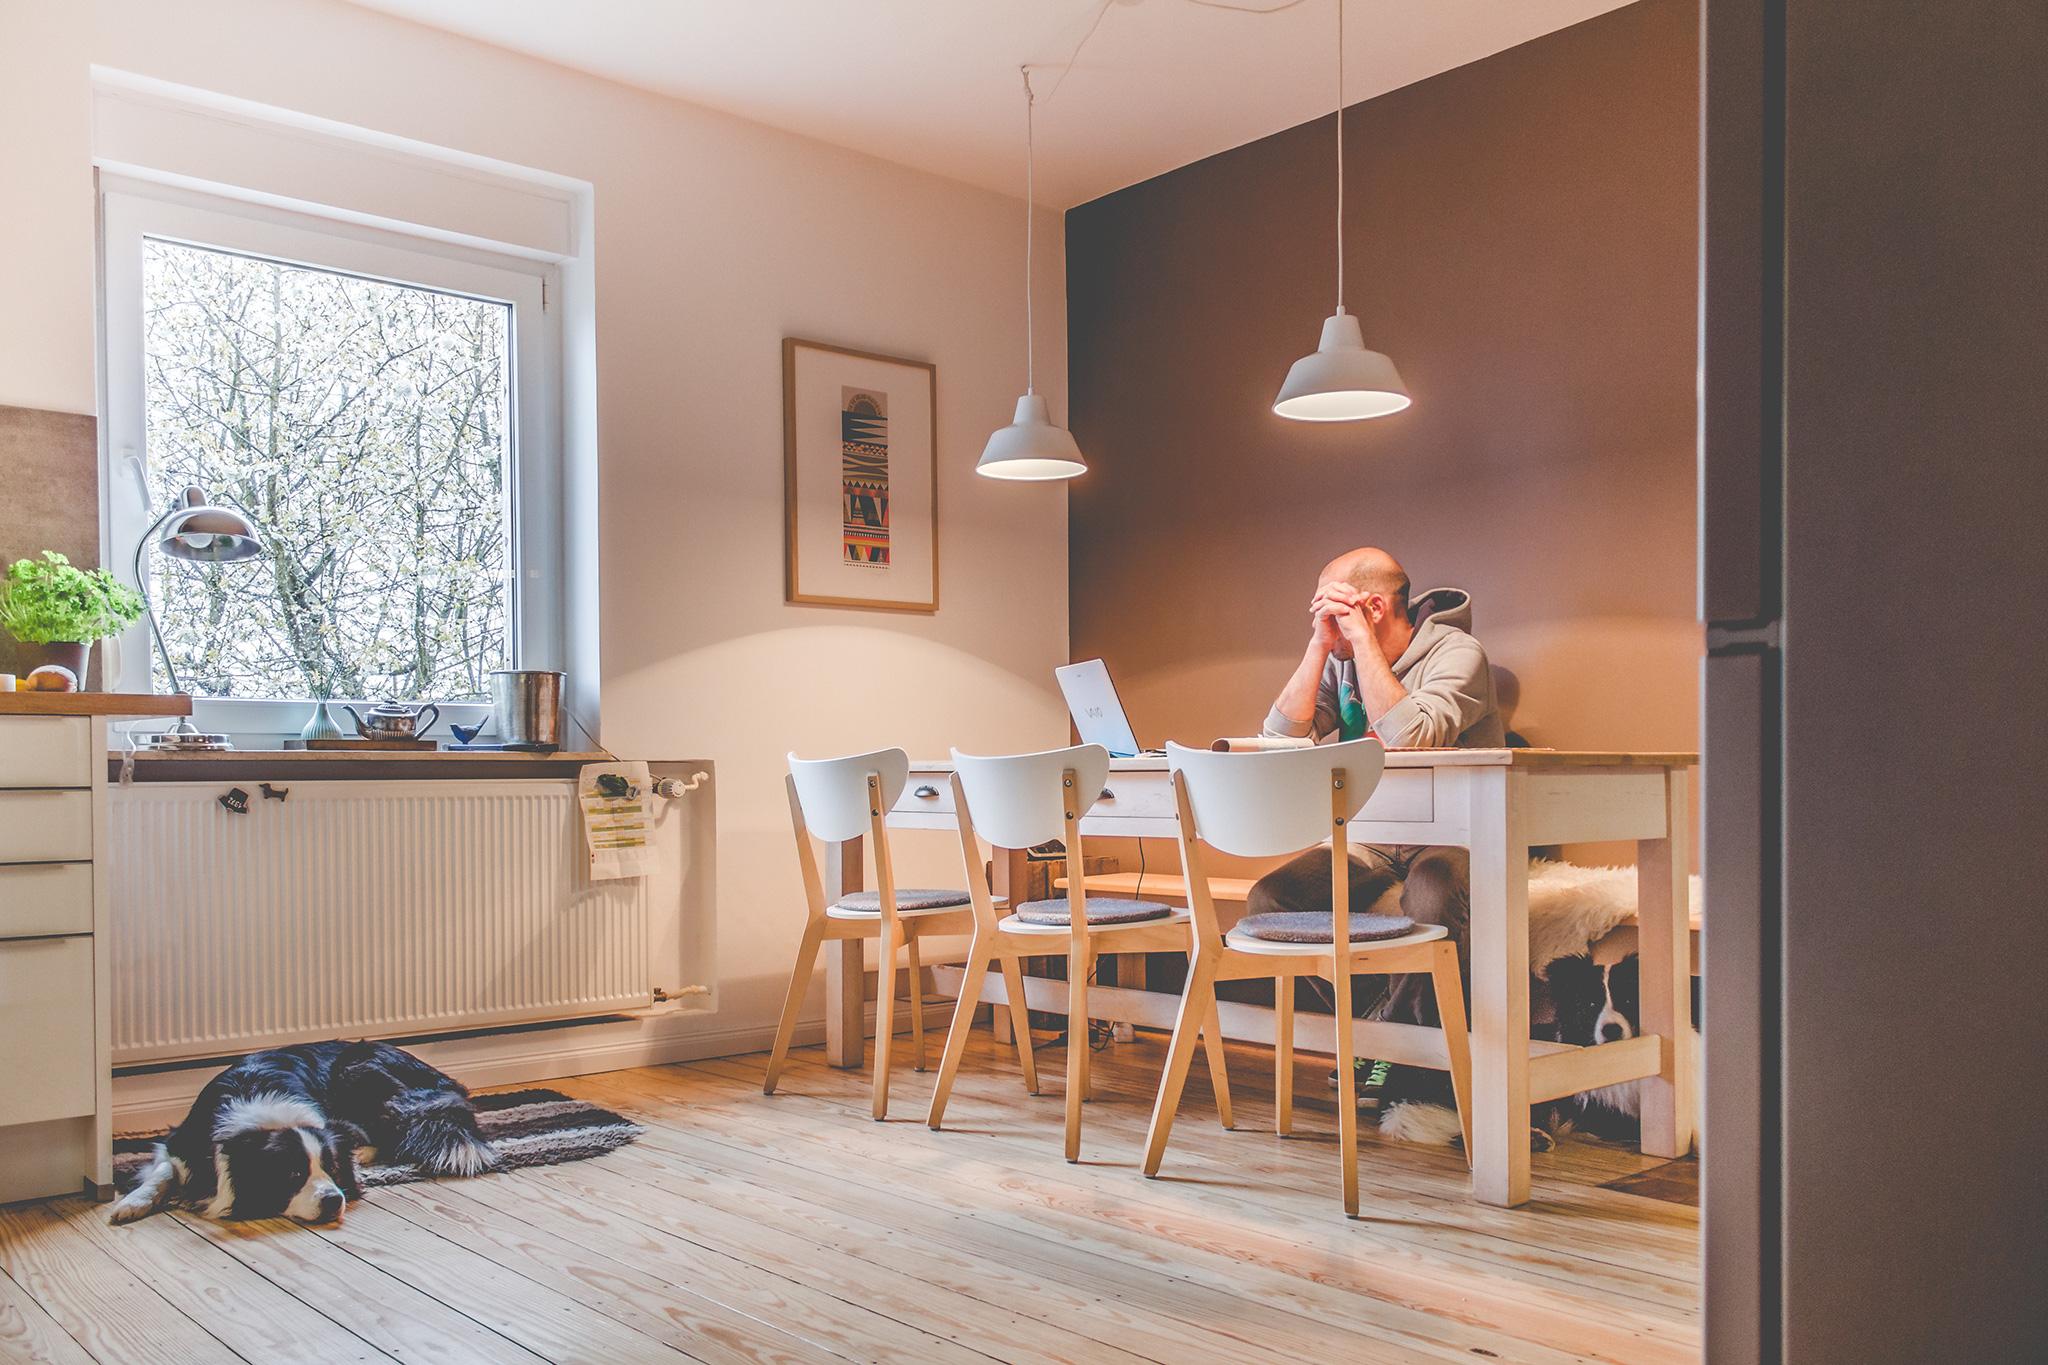 Eine Neue Küche War Für Uns Längst überfällig. Die Perfekte Beratung Und  Individuelle Planung Der Mitarbeiter Der Küchenpraxis Kelkheim Hat Uns  Sofort ...